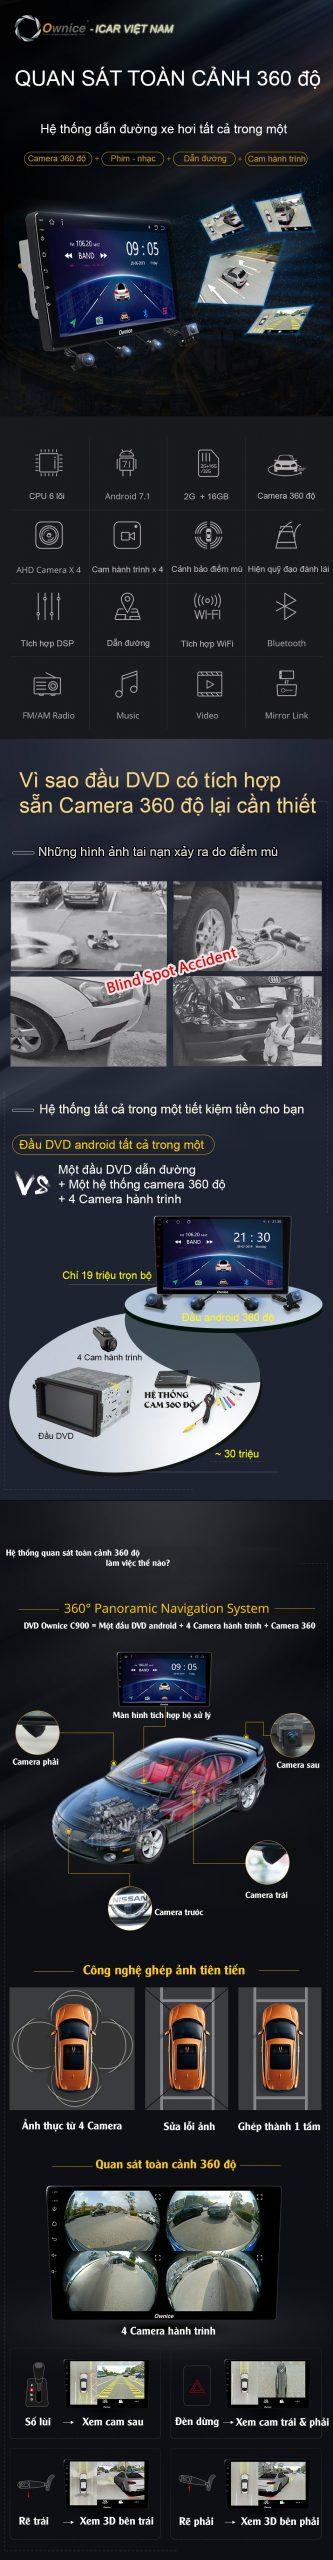 Đầu DVD android ô tô Ownice C900 tích hợp camera 360 độ AHD